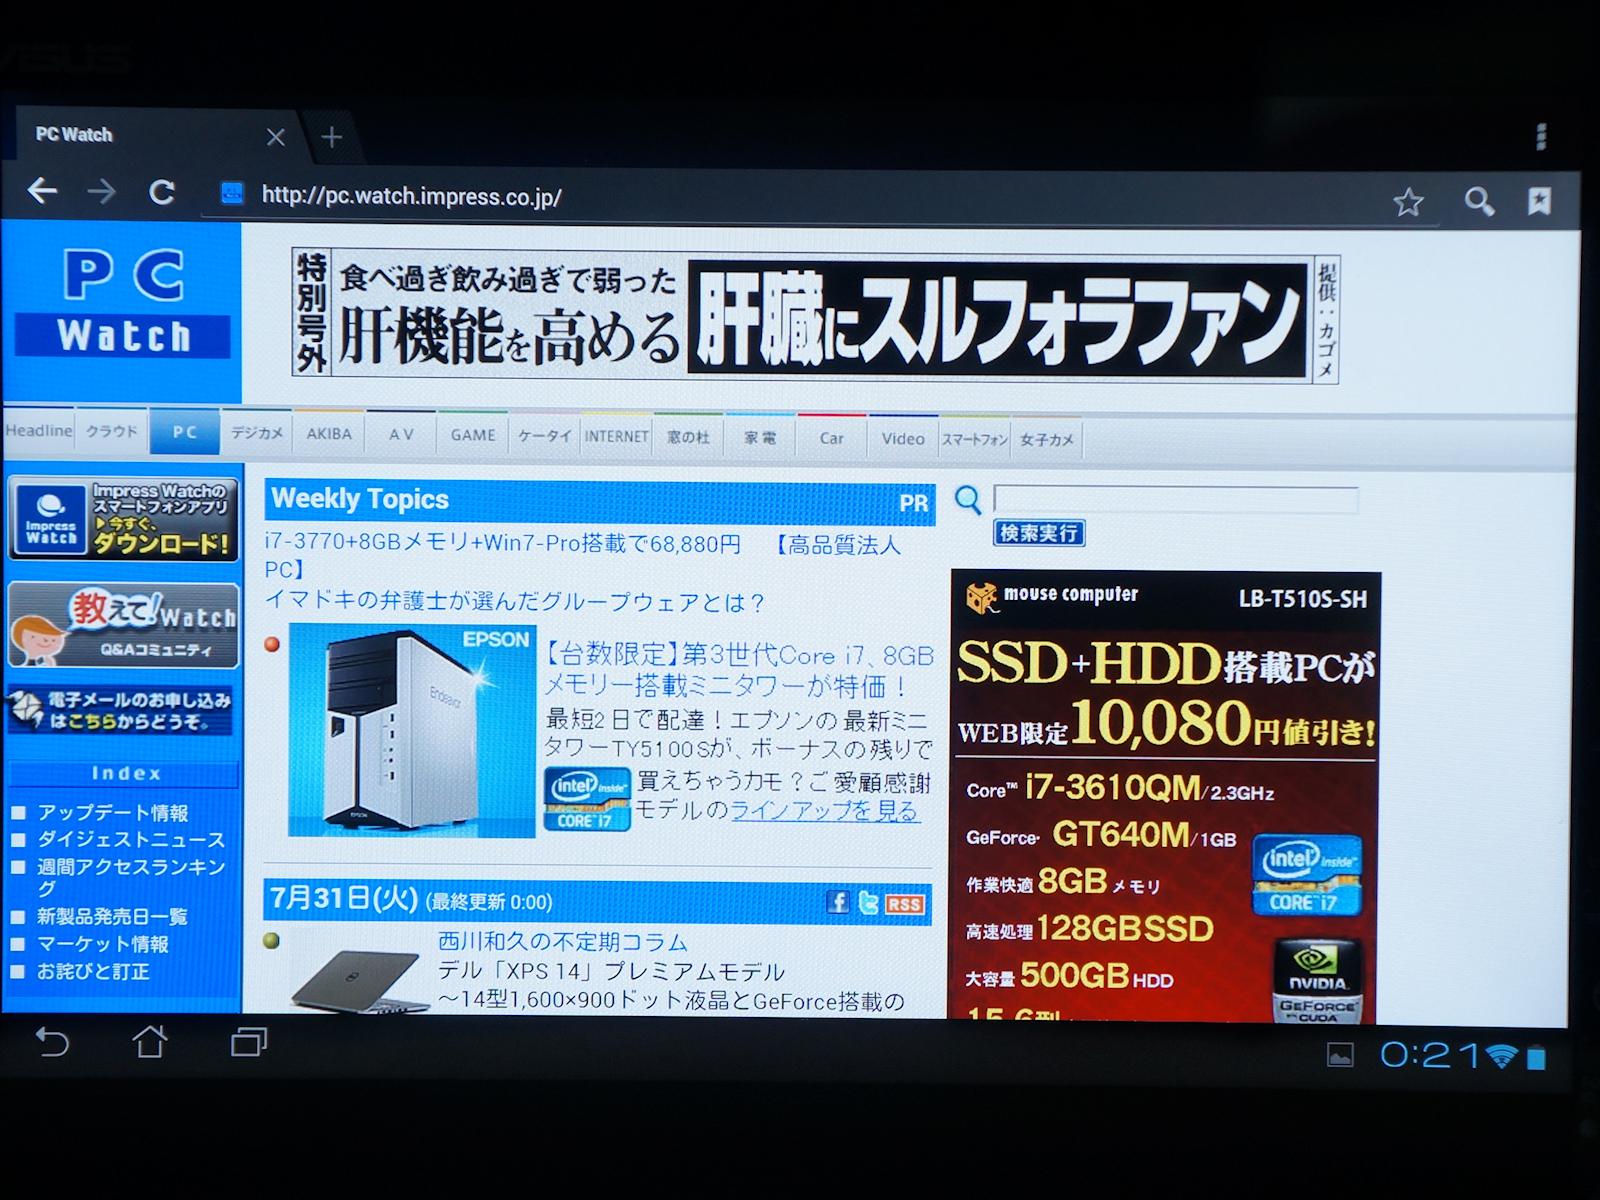 PC Watchを表示したTF700Tをカメラで撮影